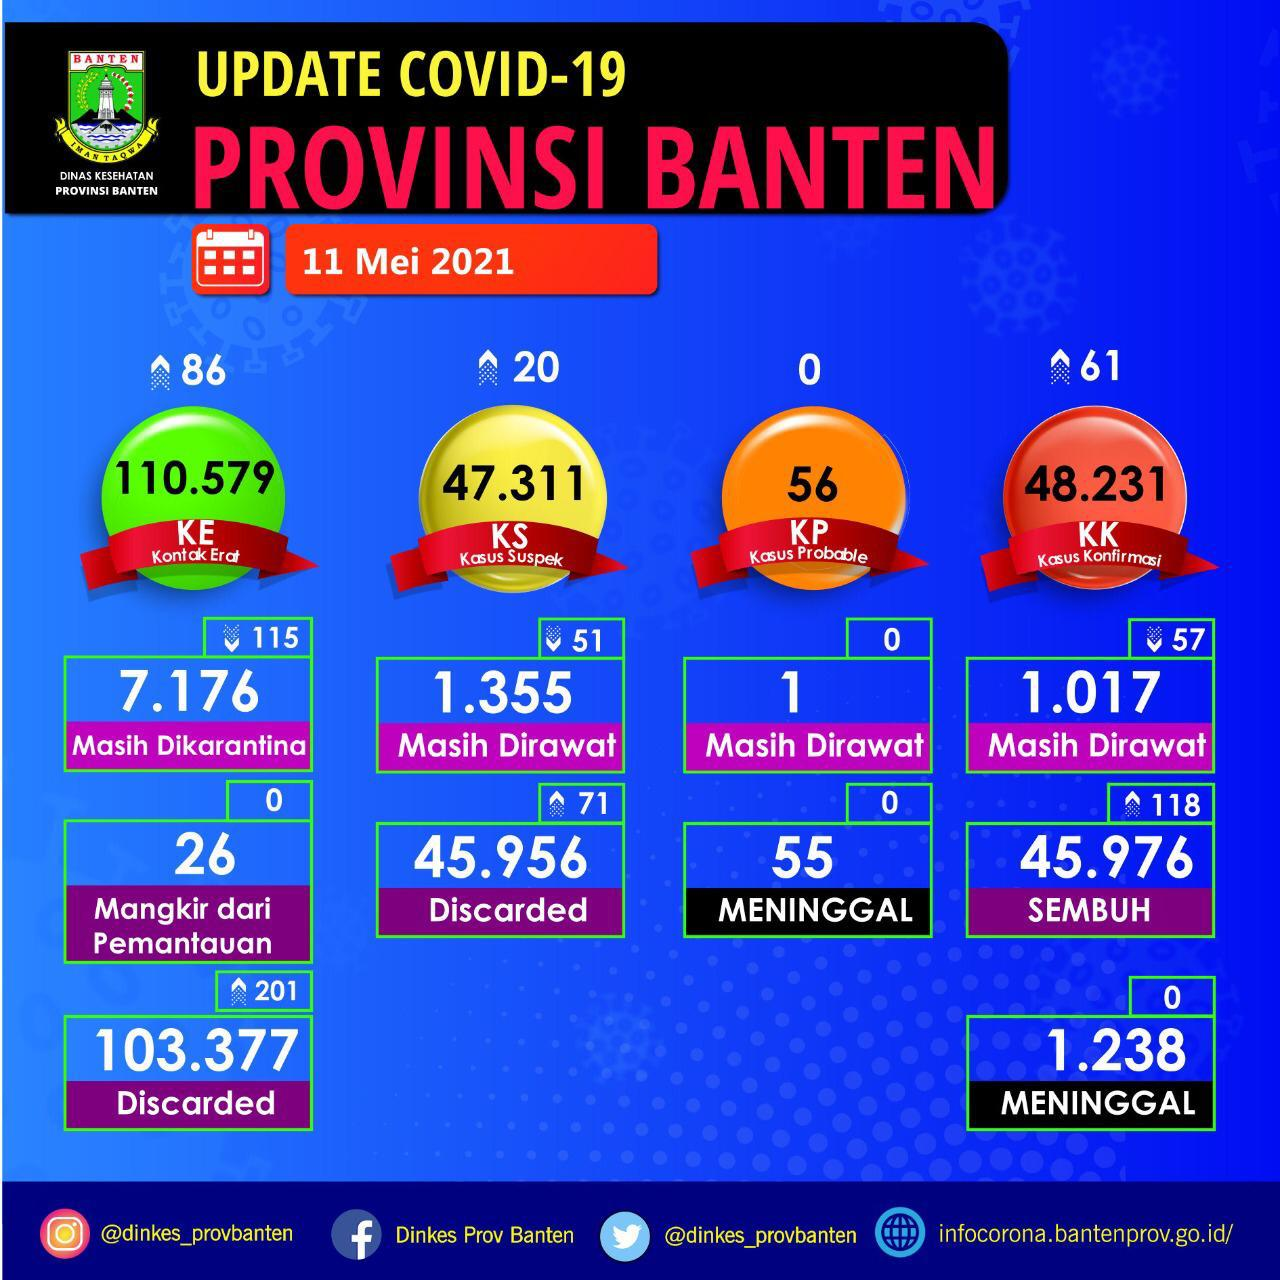 Peta sebaran Covid-19 di Provinsi Banten per 11 Mei 2021